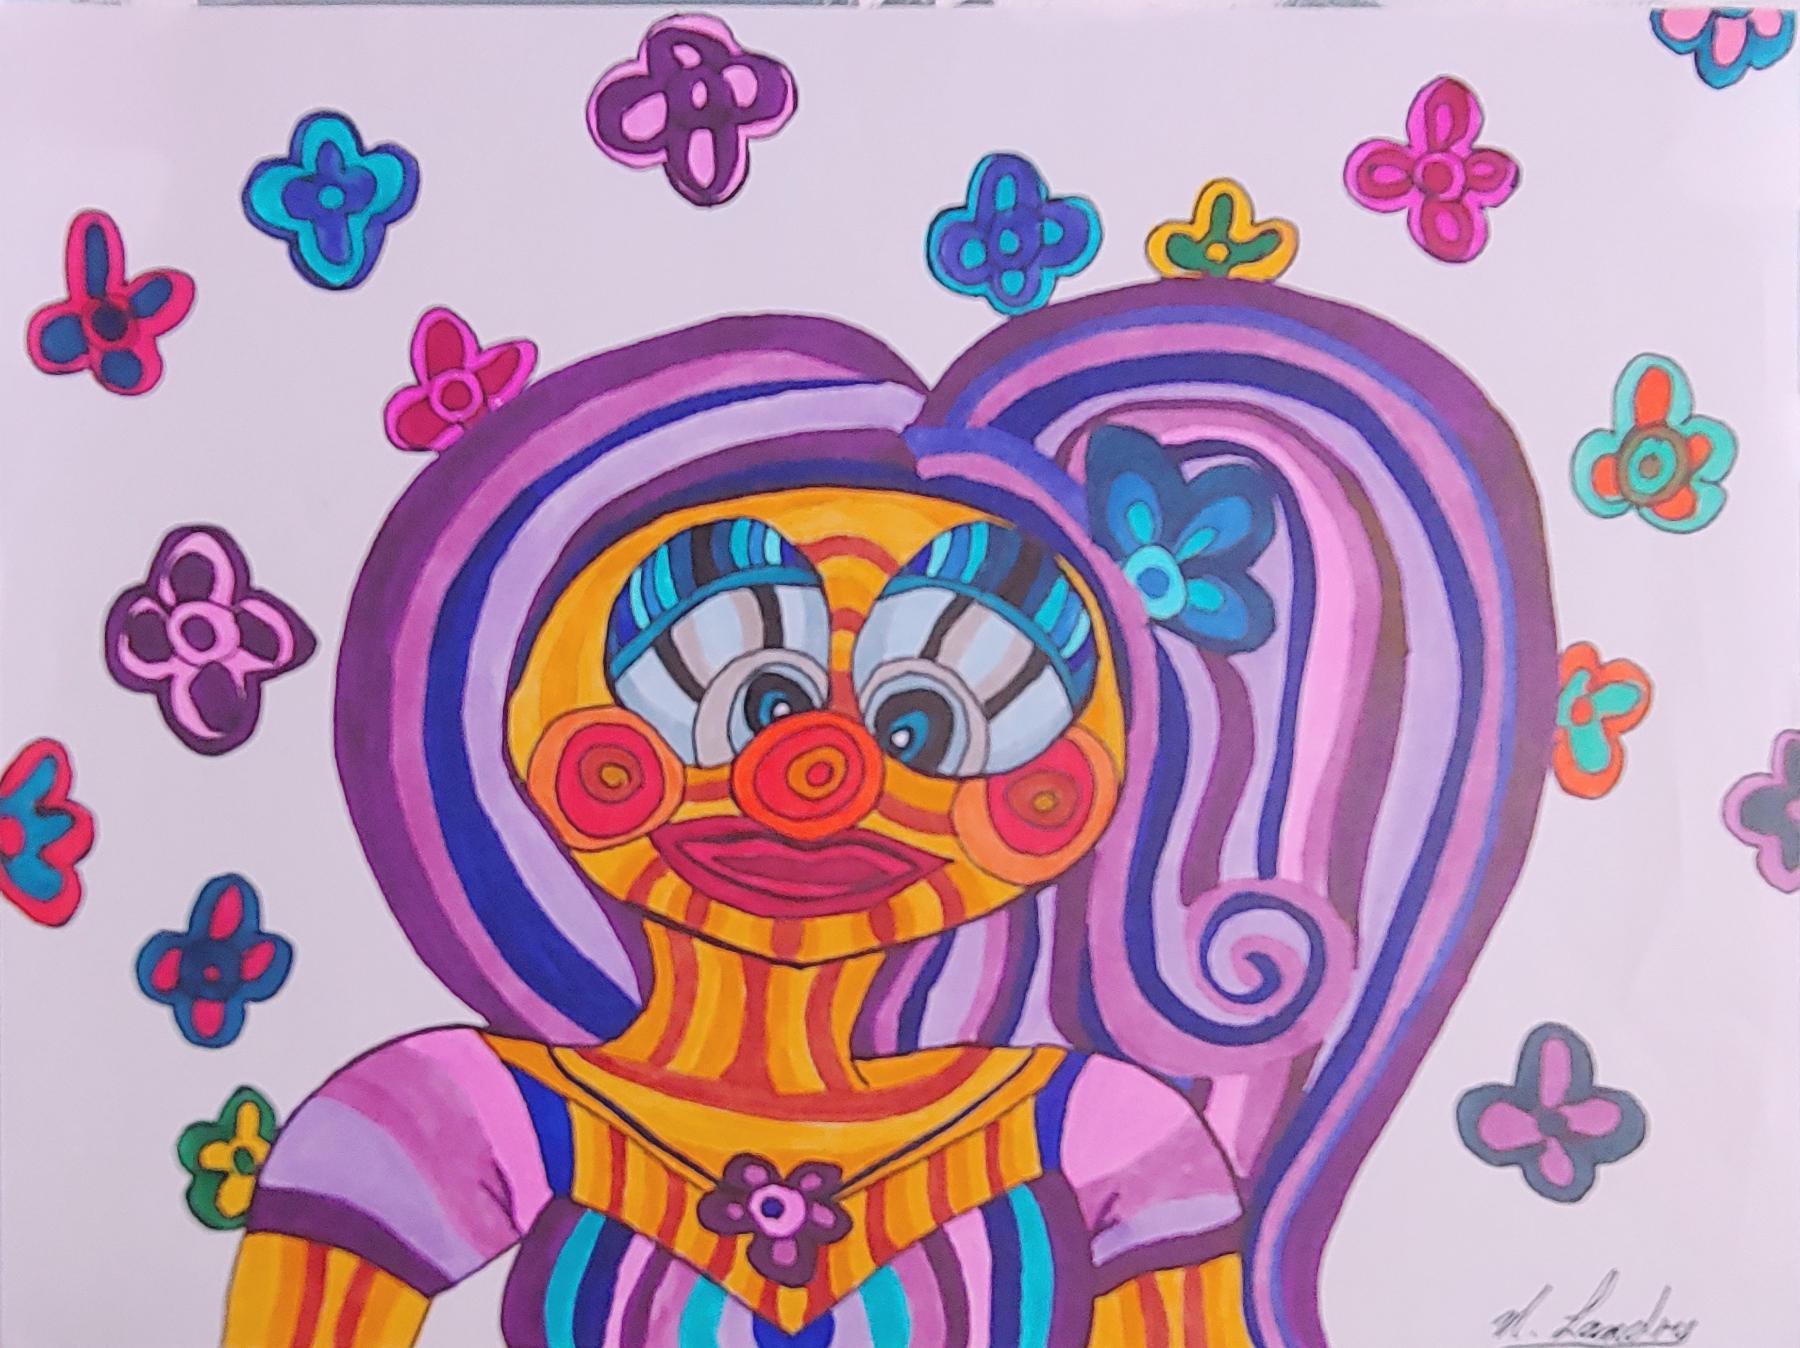 """<span style=""""color: #ff0000;""""><a style=""""color: #ff0000;"""" href=""""mailto:nathalielandry7@gmail.com?subject=Défi 15 dessins 15 semaines - Pitchounette""""> Contacter l'artiste</a></span> Nathalie Landry - Pitchounette - 75$  (transaction directement avec l'artiste) - Feutre sur papier Canson  encadrement mural -  9X12 po"""